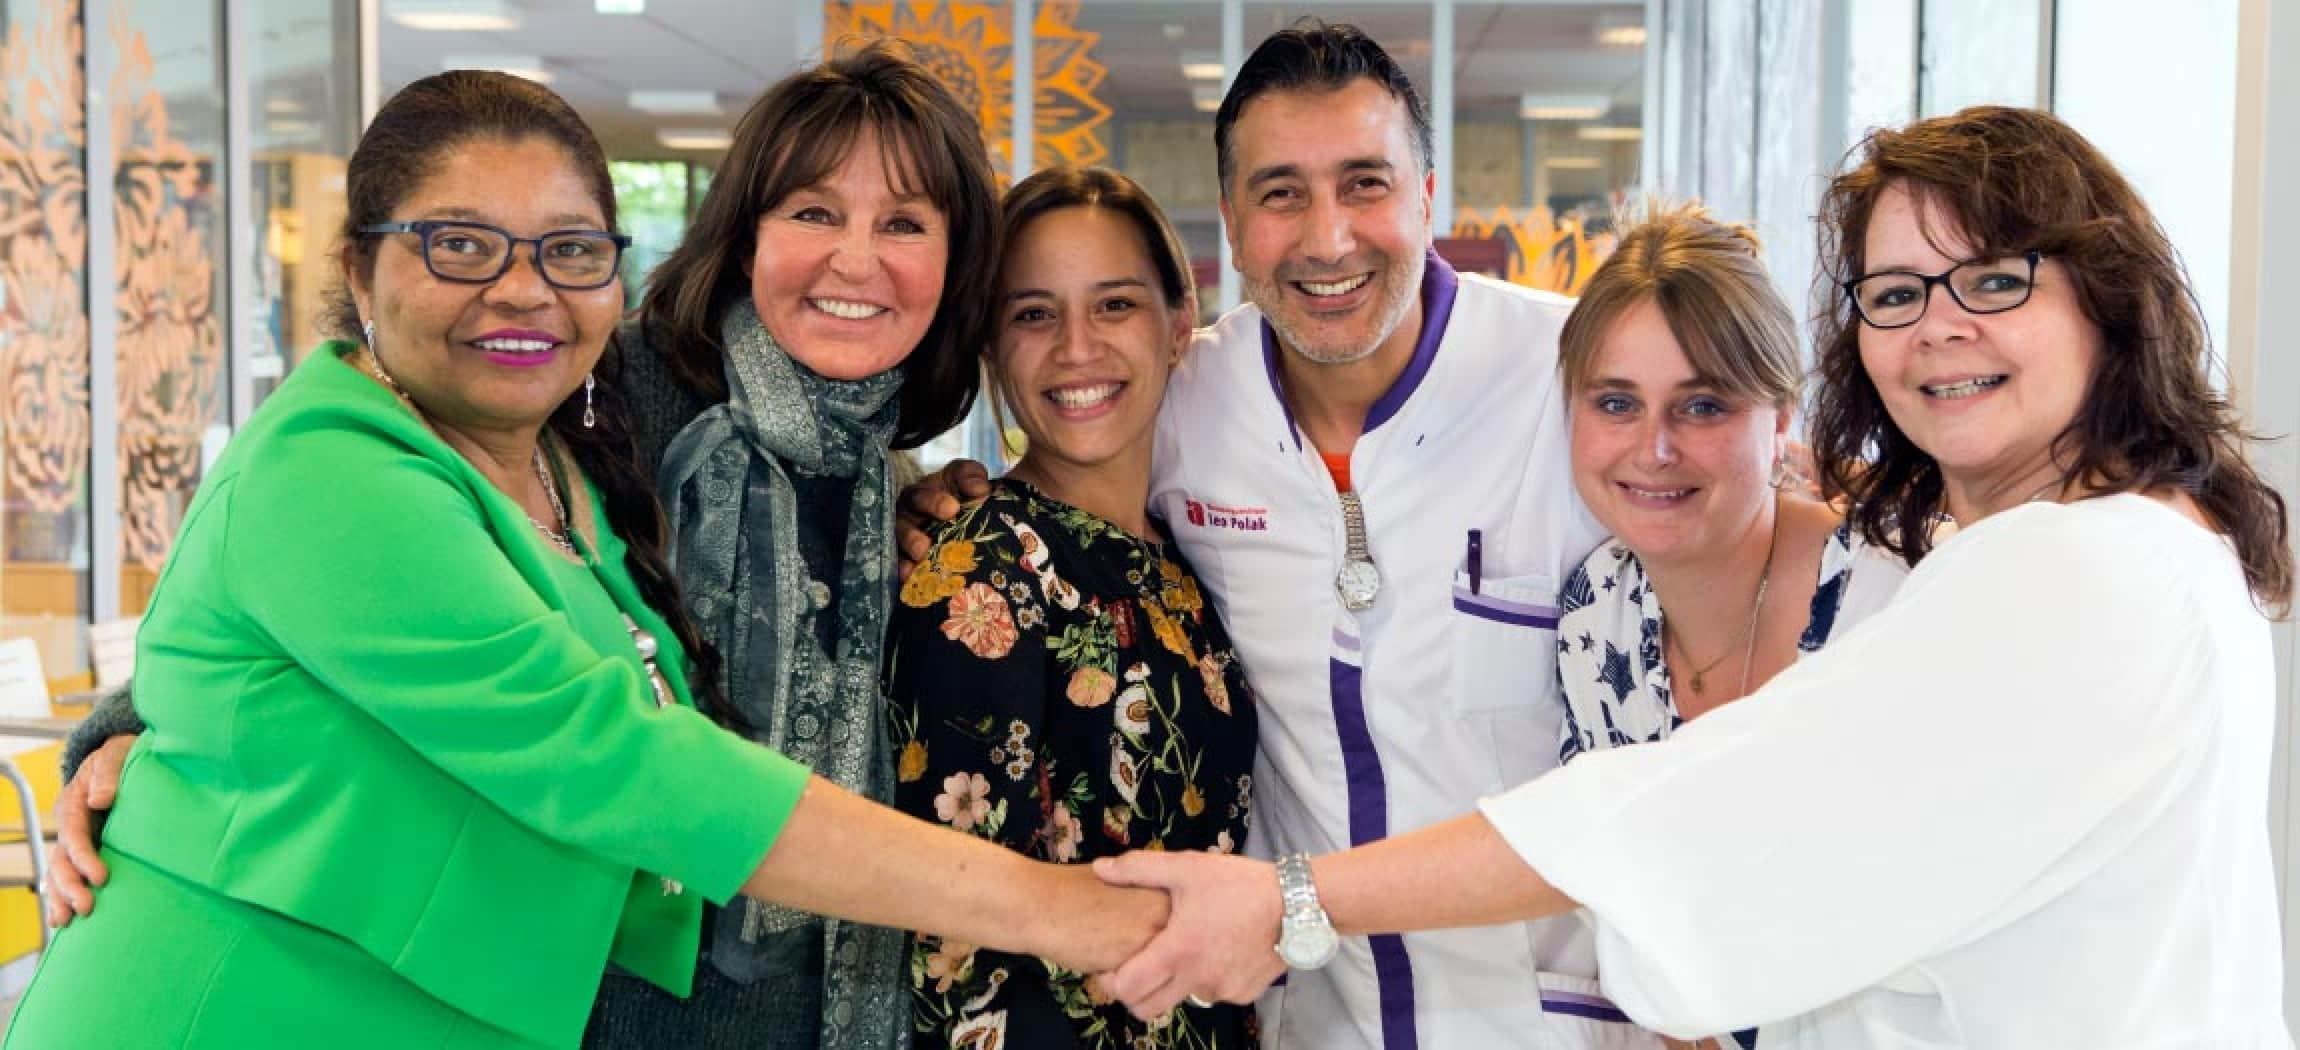 Een hecht team van vrouwelijke en mannelijke collega's in de zorgsector